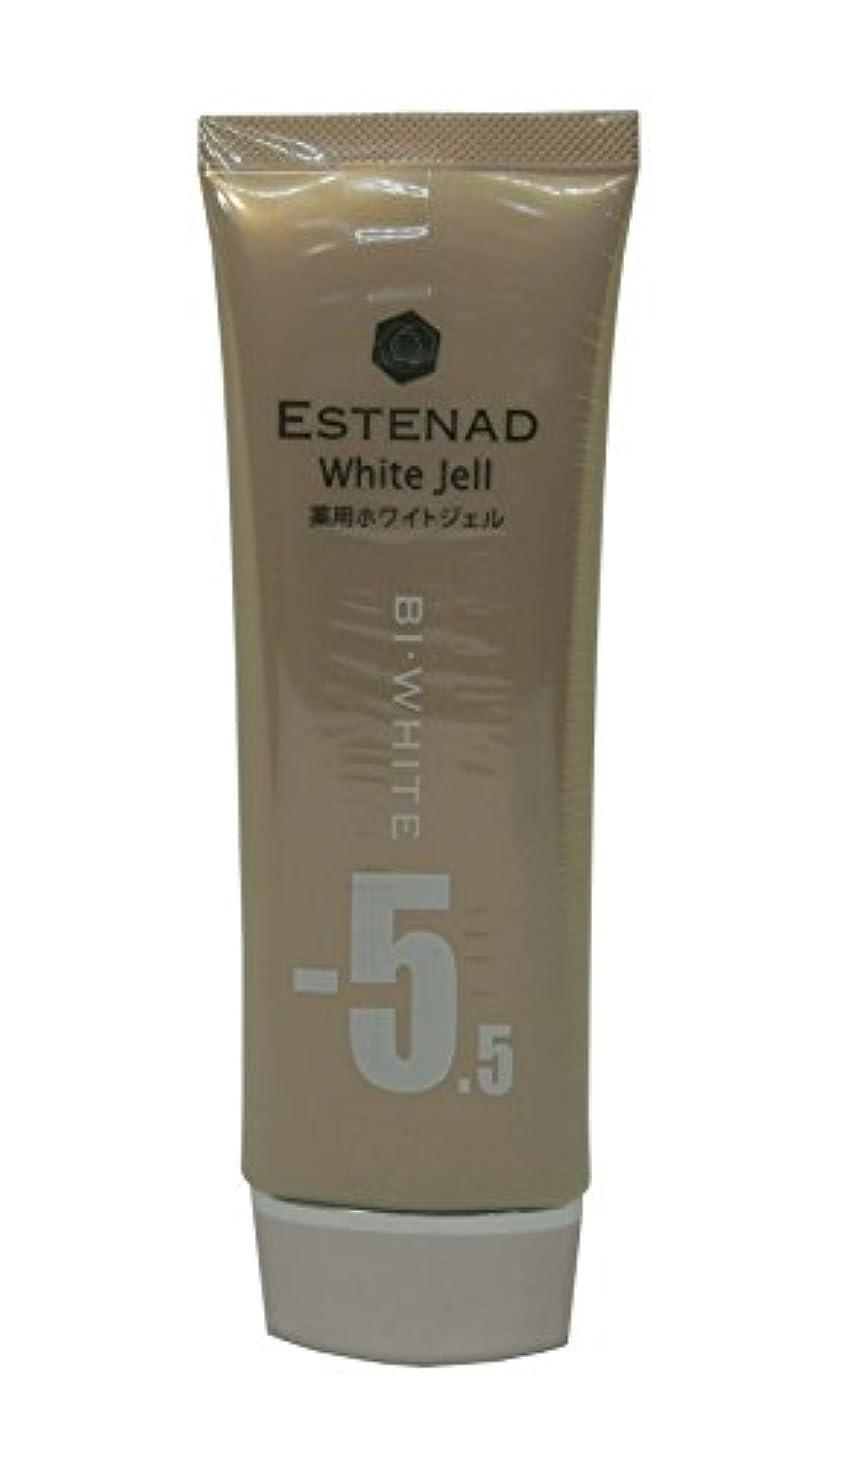 操作見捨てられたインテリアエステナード 薬用ホワイトジェル 70g 美容クリーム